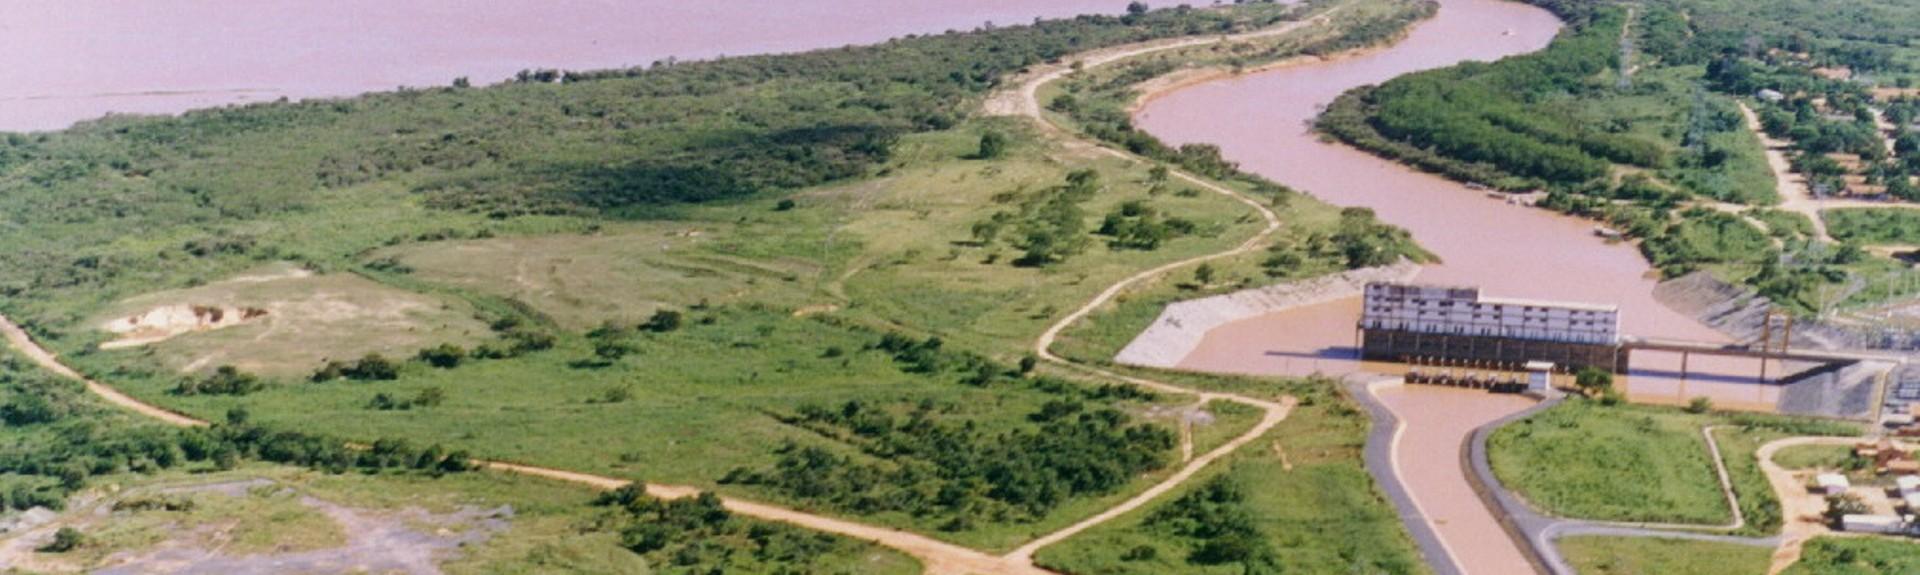 Jaíba Minas Gerais fonte: www.projetojaiba.com.br